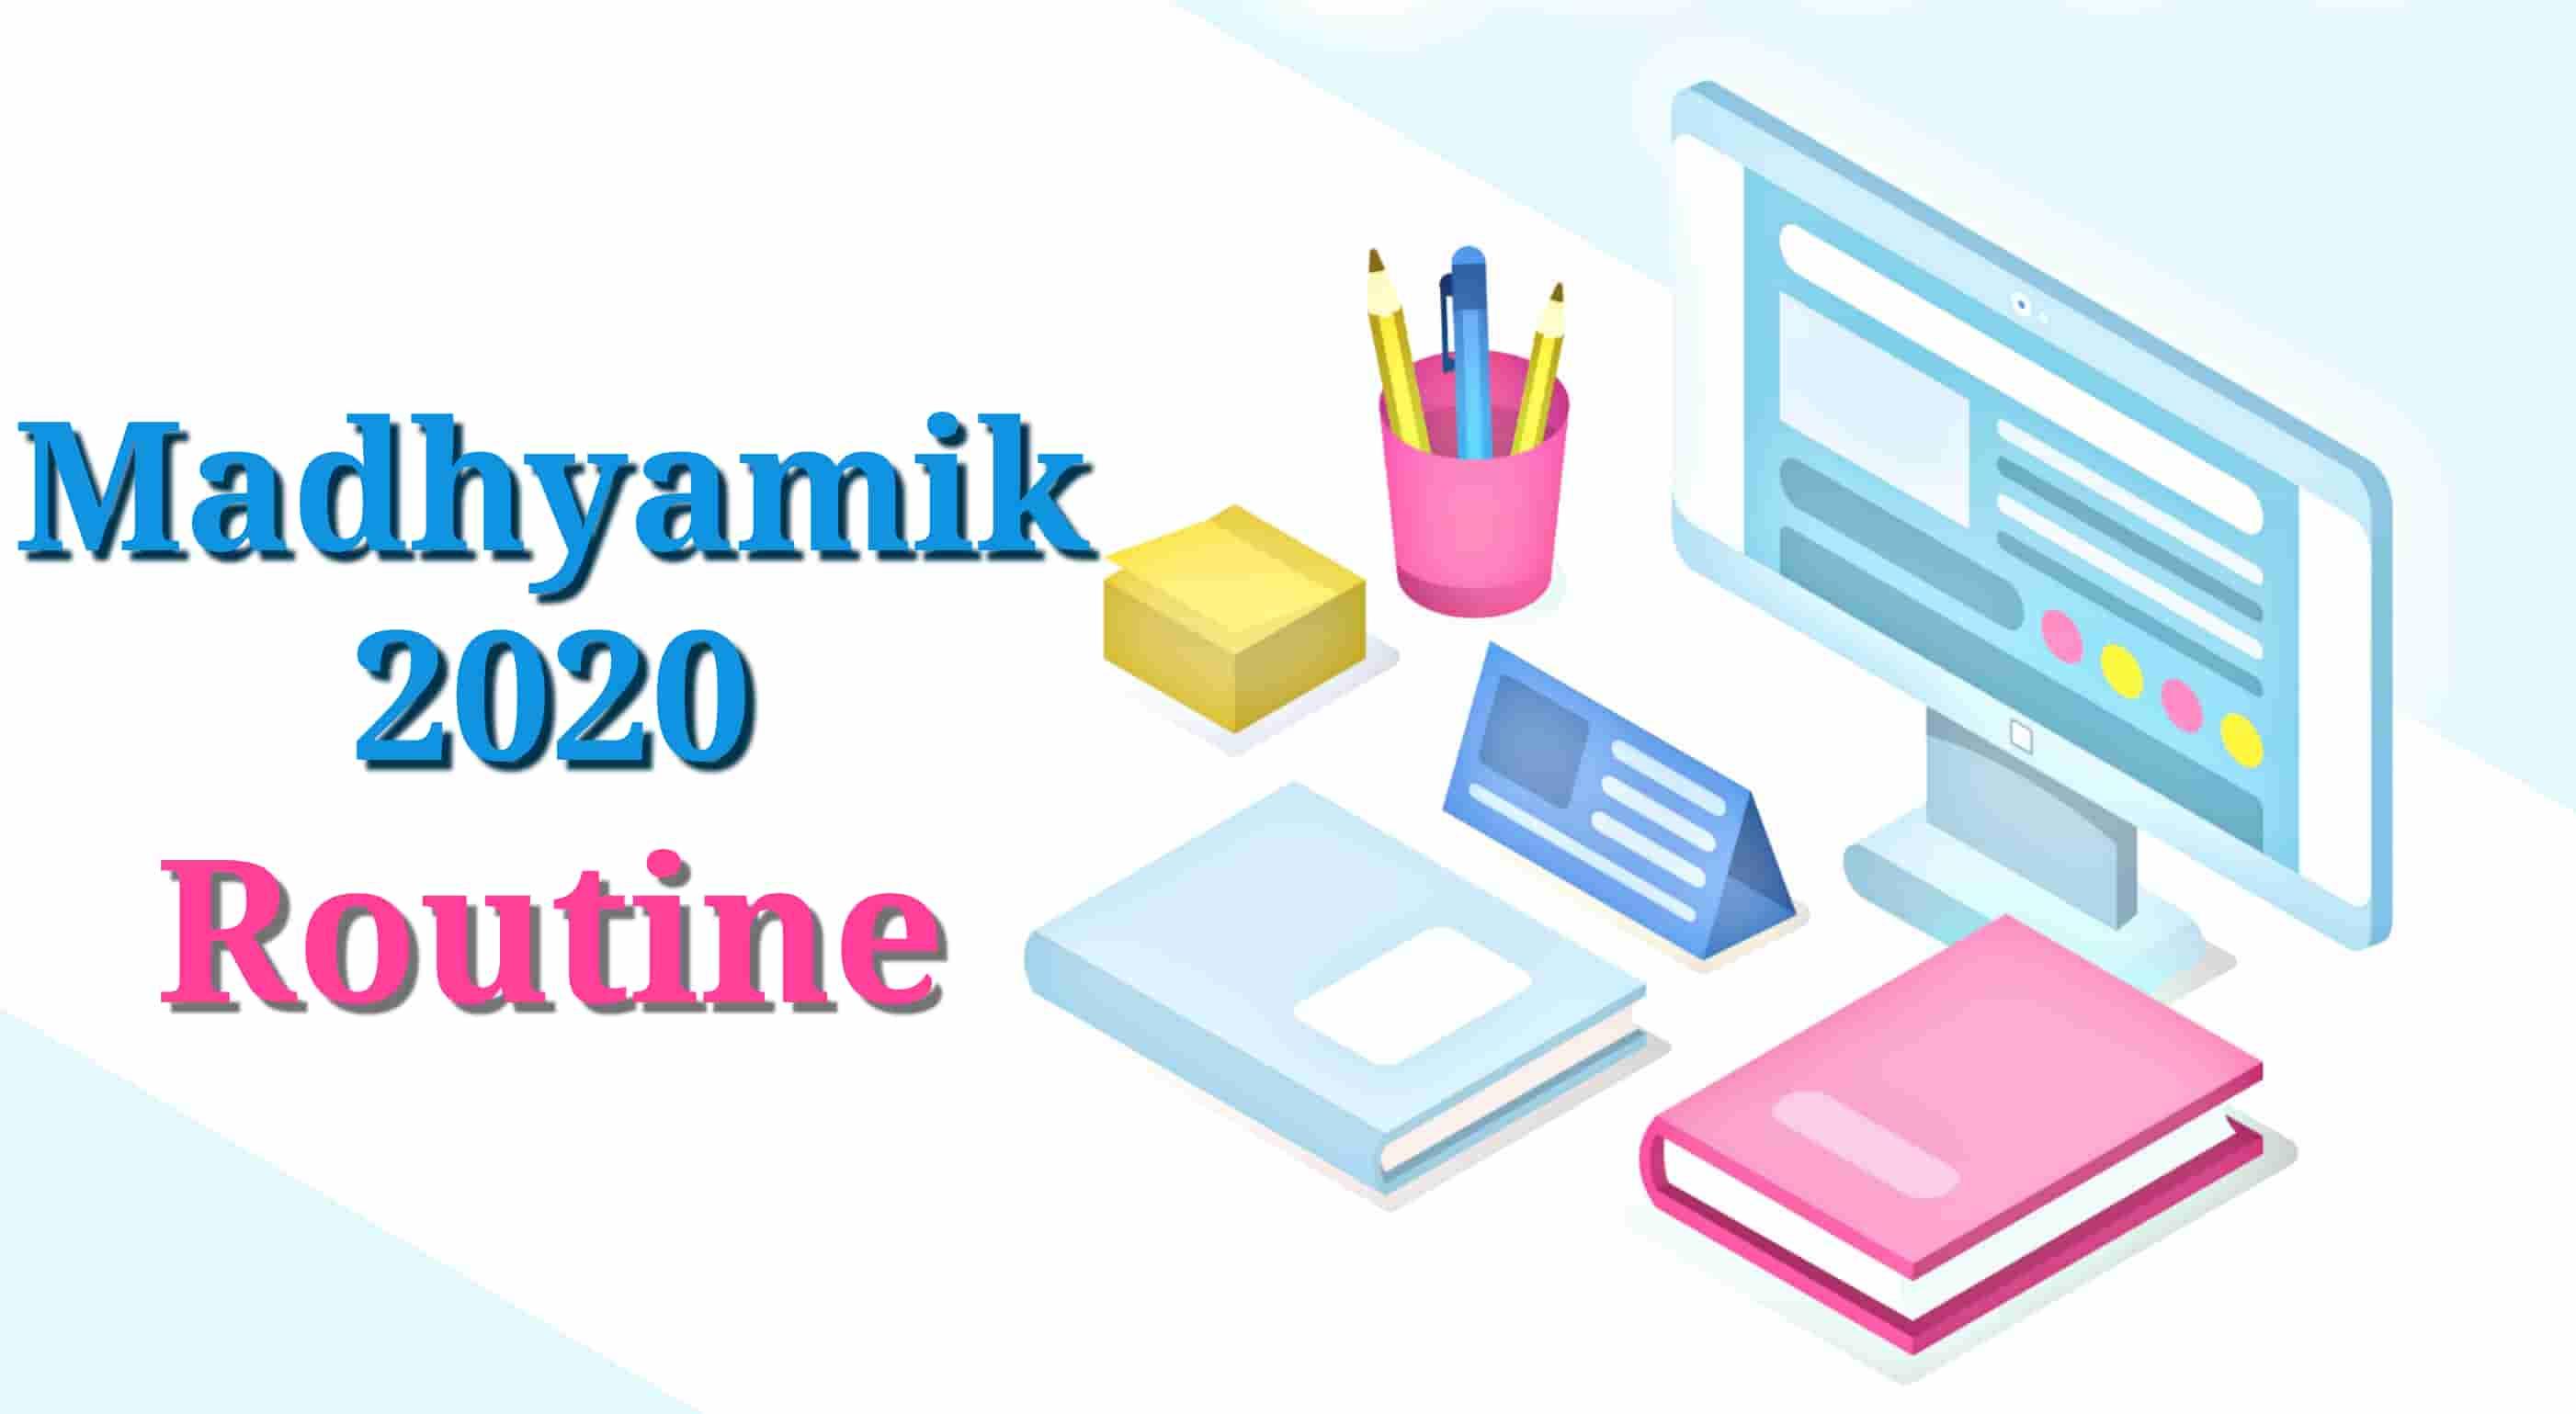 WBBSE Madhyamik Routine 2020